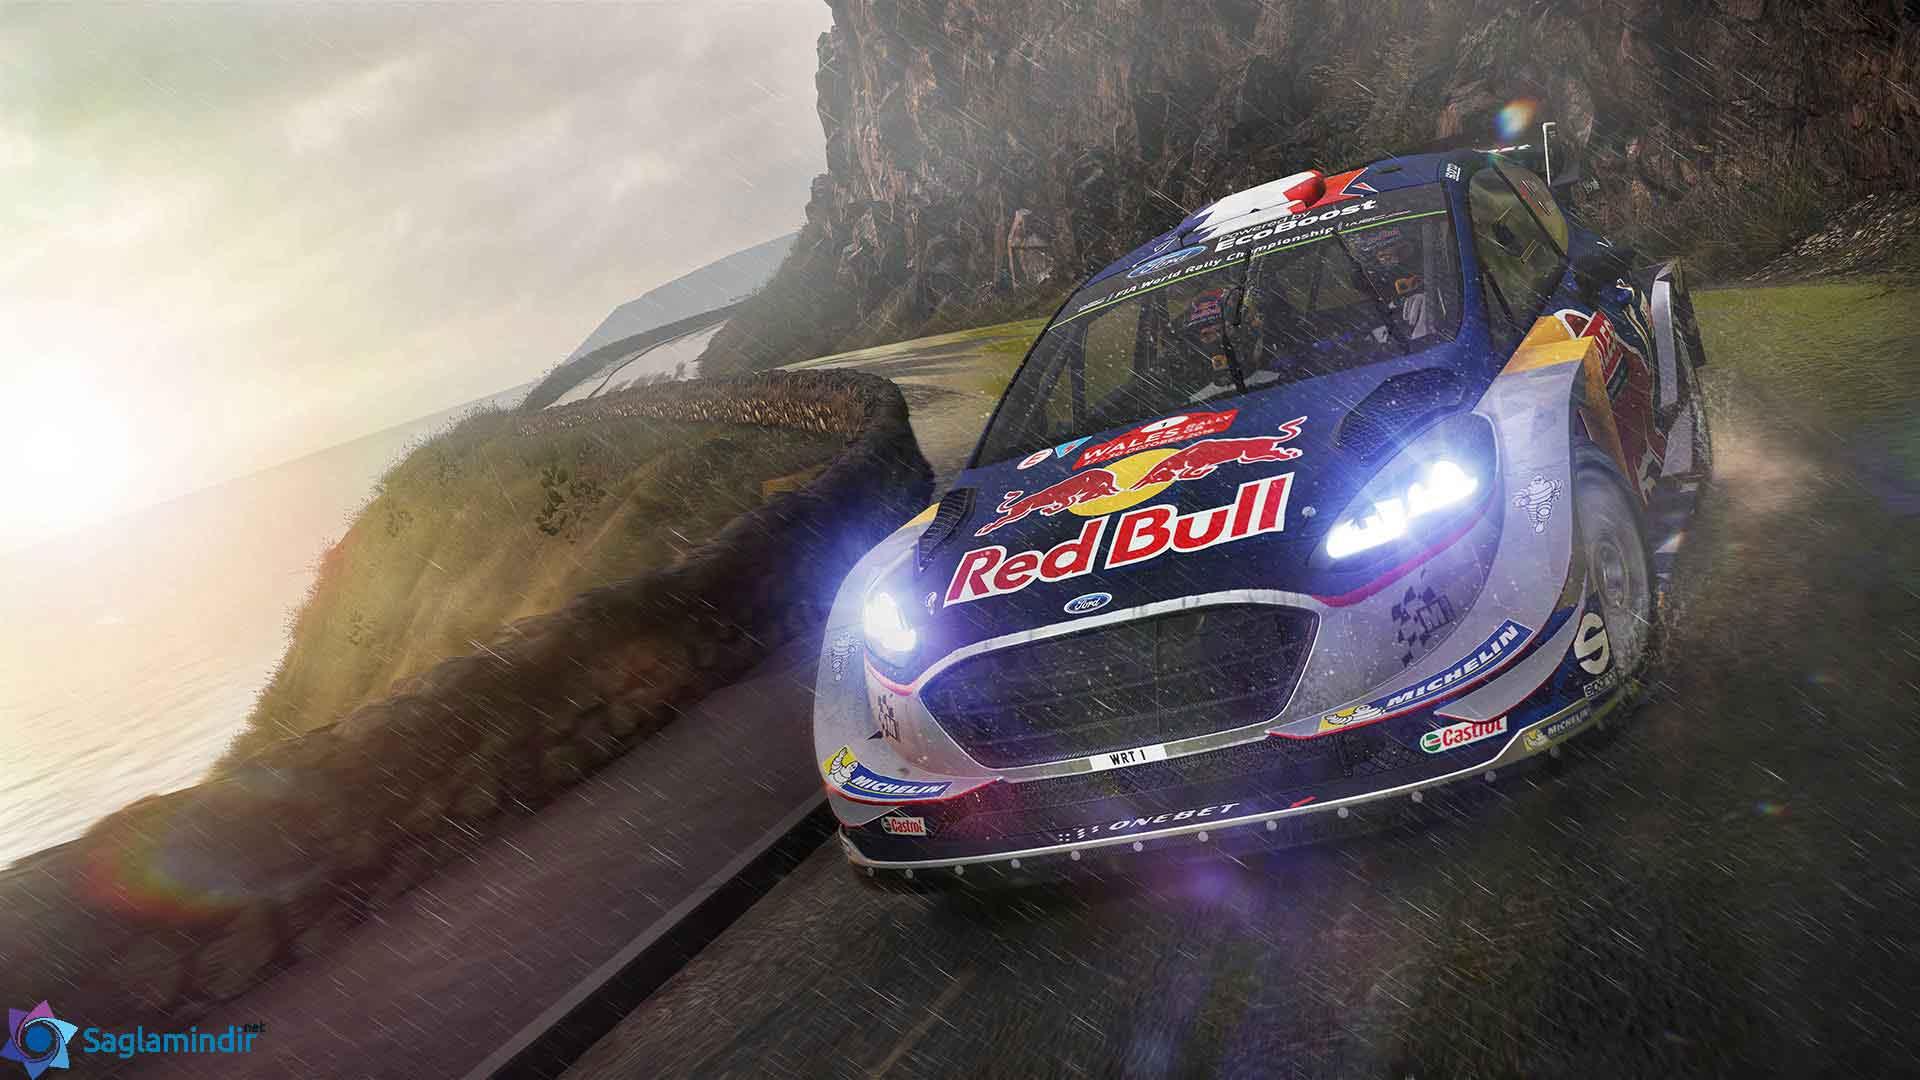 WRC 7 FIA World Rally Championship saglamindir